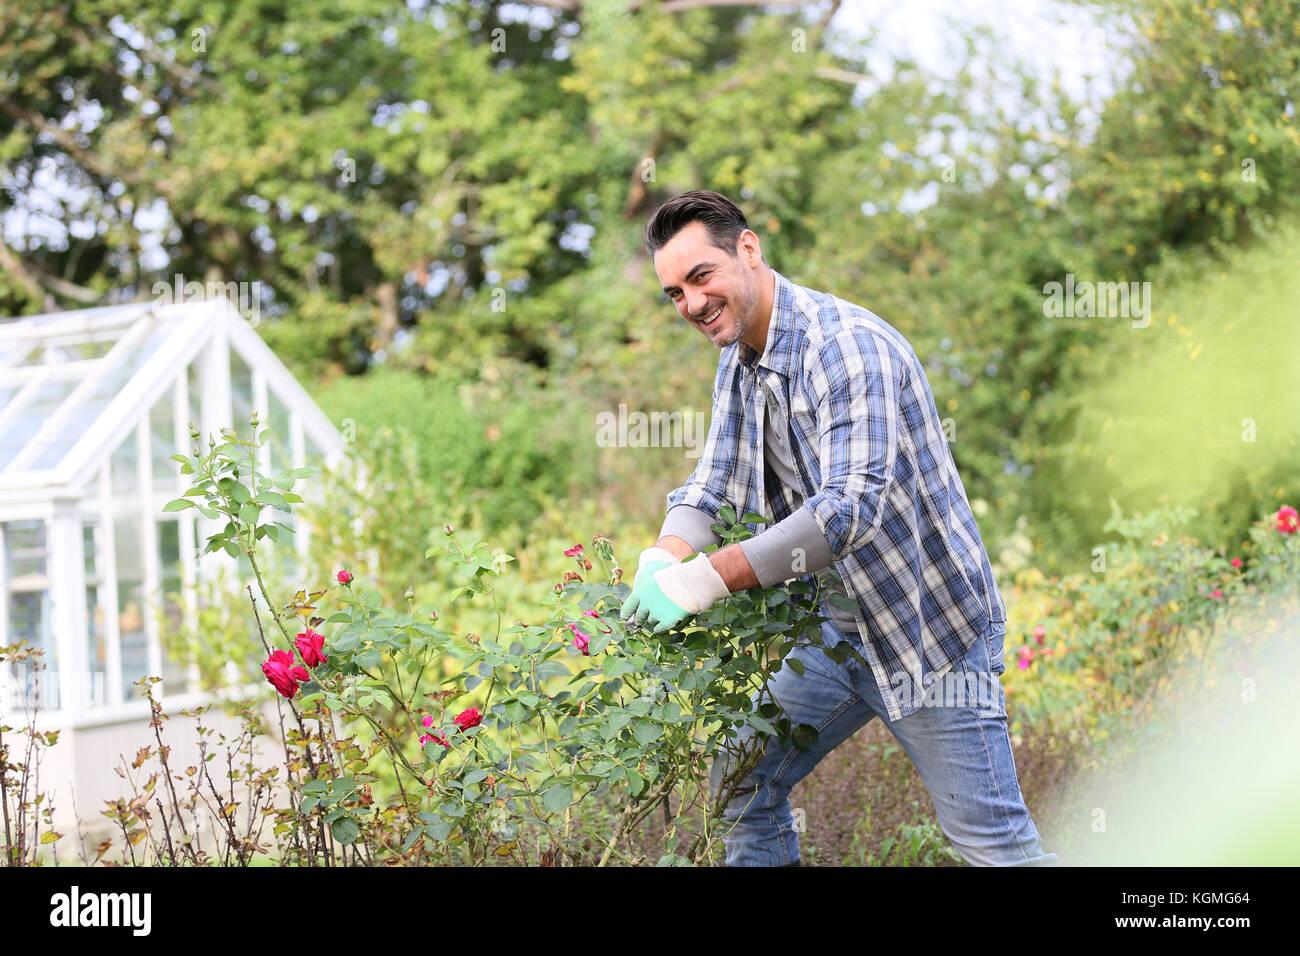 El hombre en el jardín botánico de rosas de corte Imagen De Stock